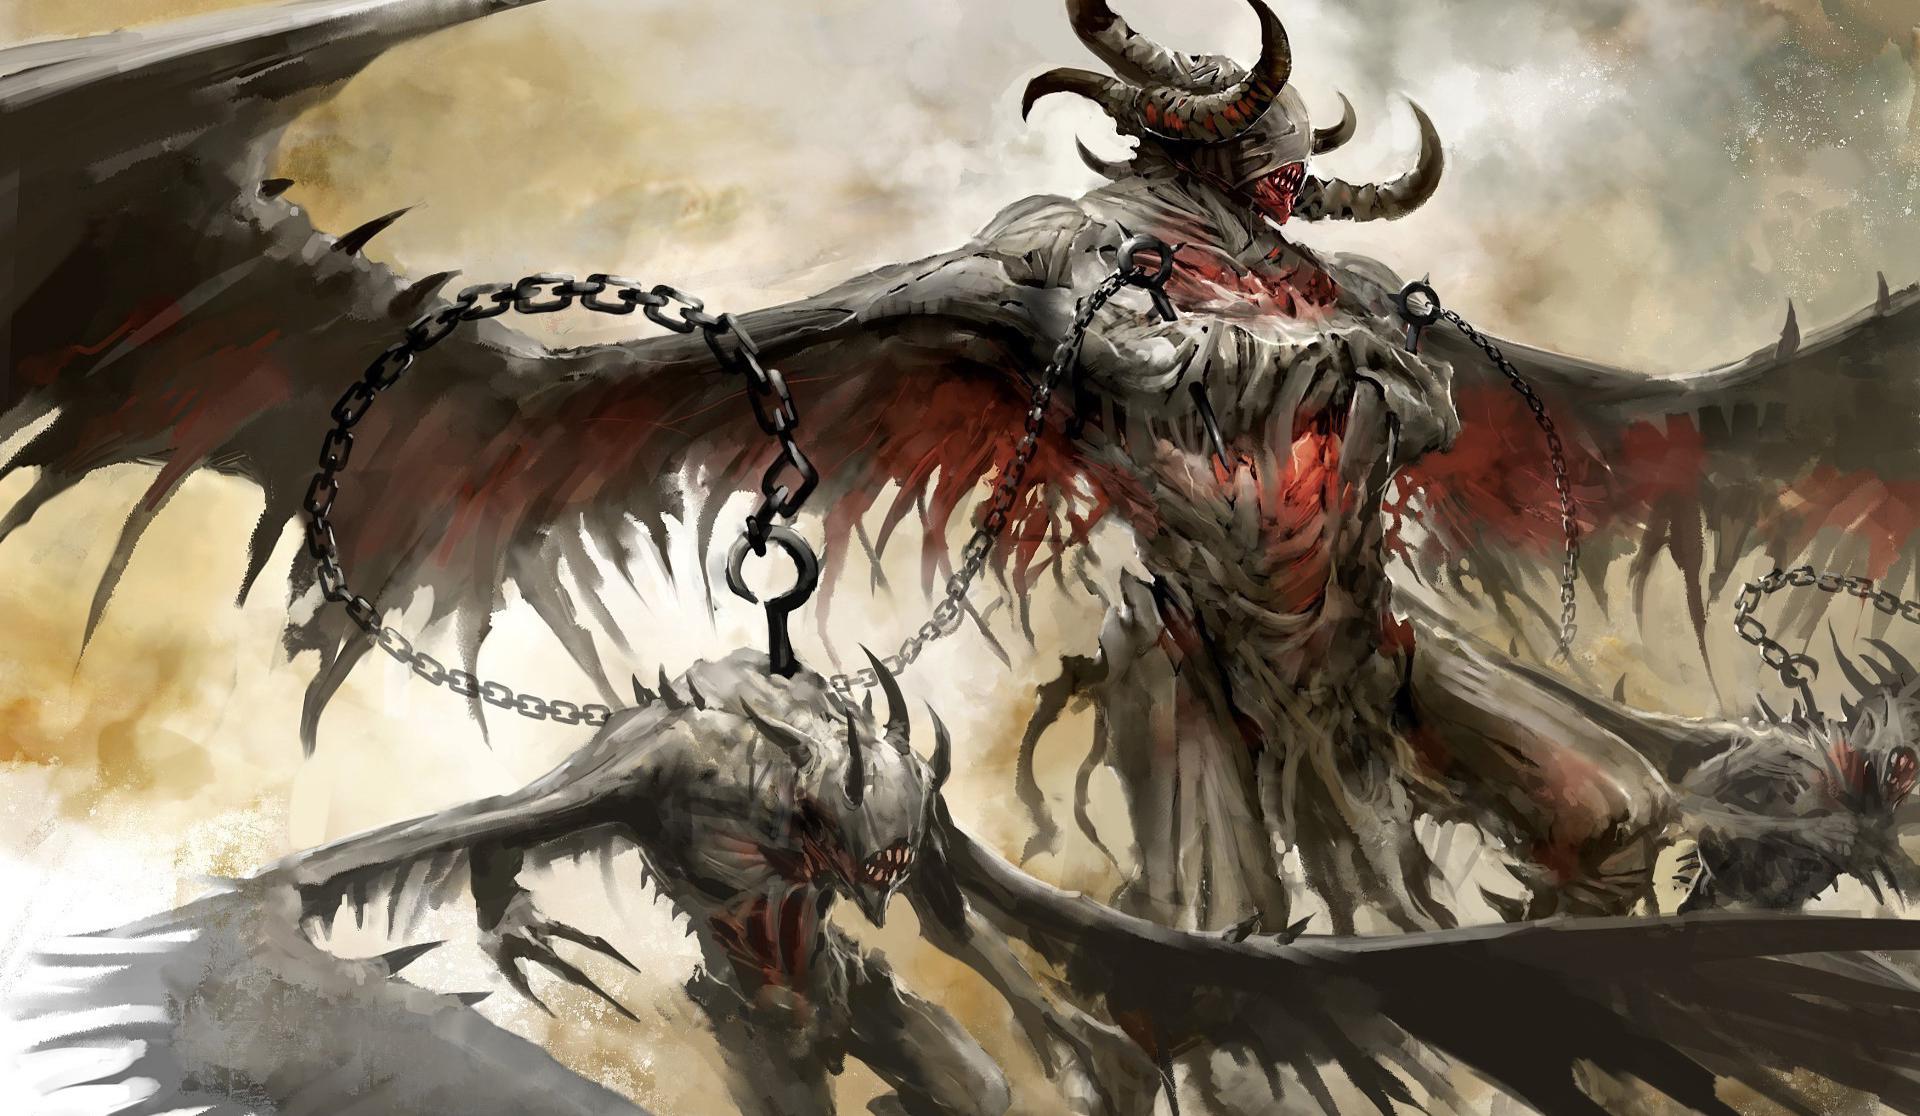 Hintergrundbilder : Illustration, Drachen, Dämon